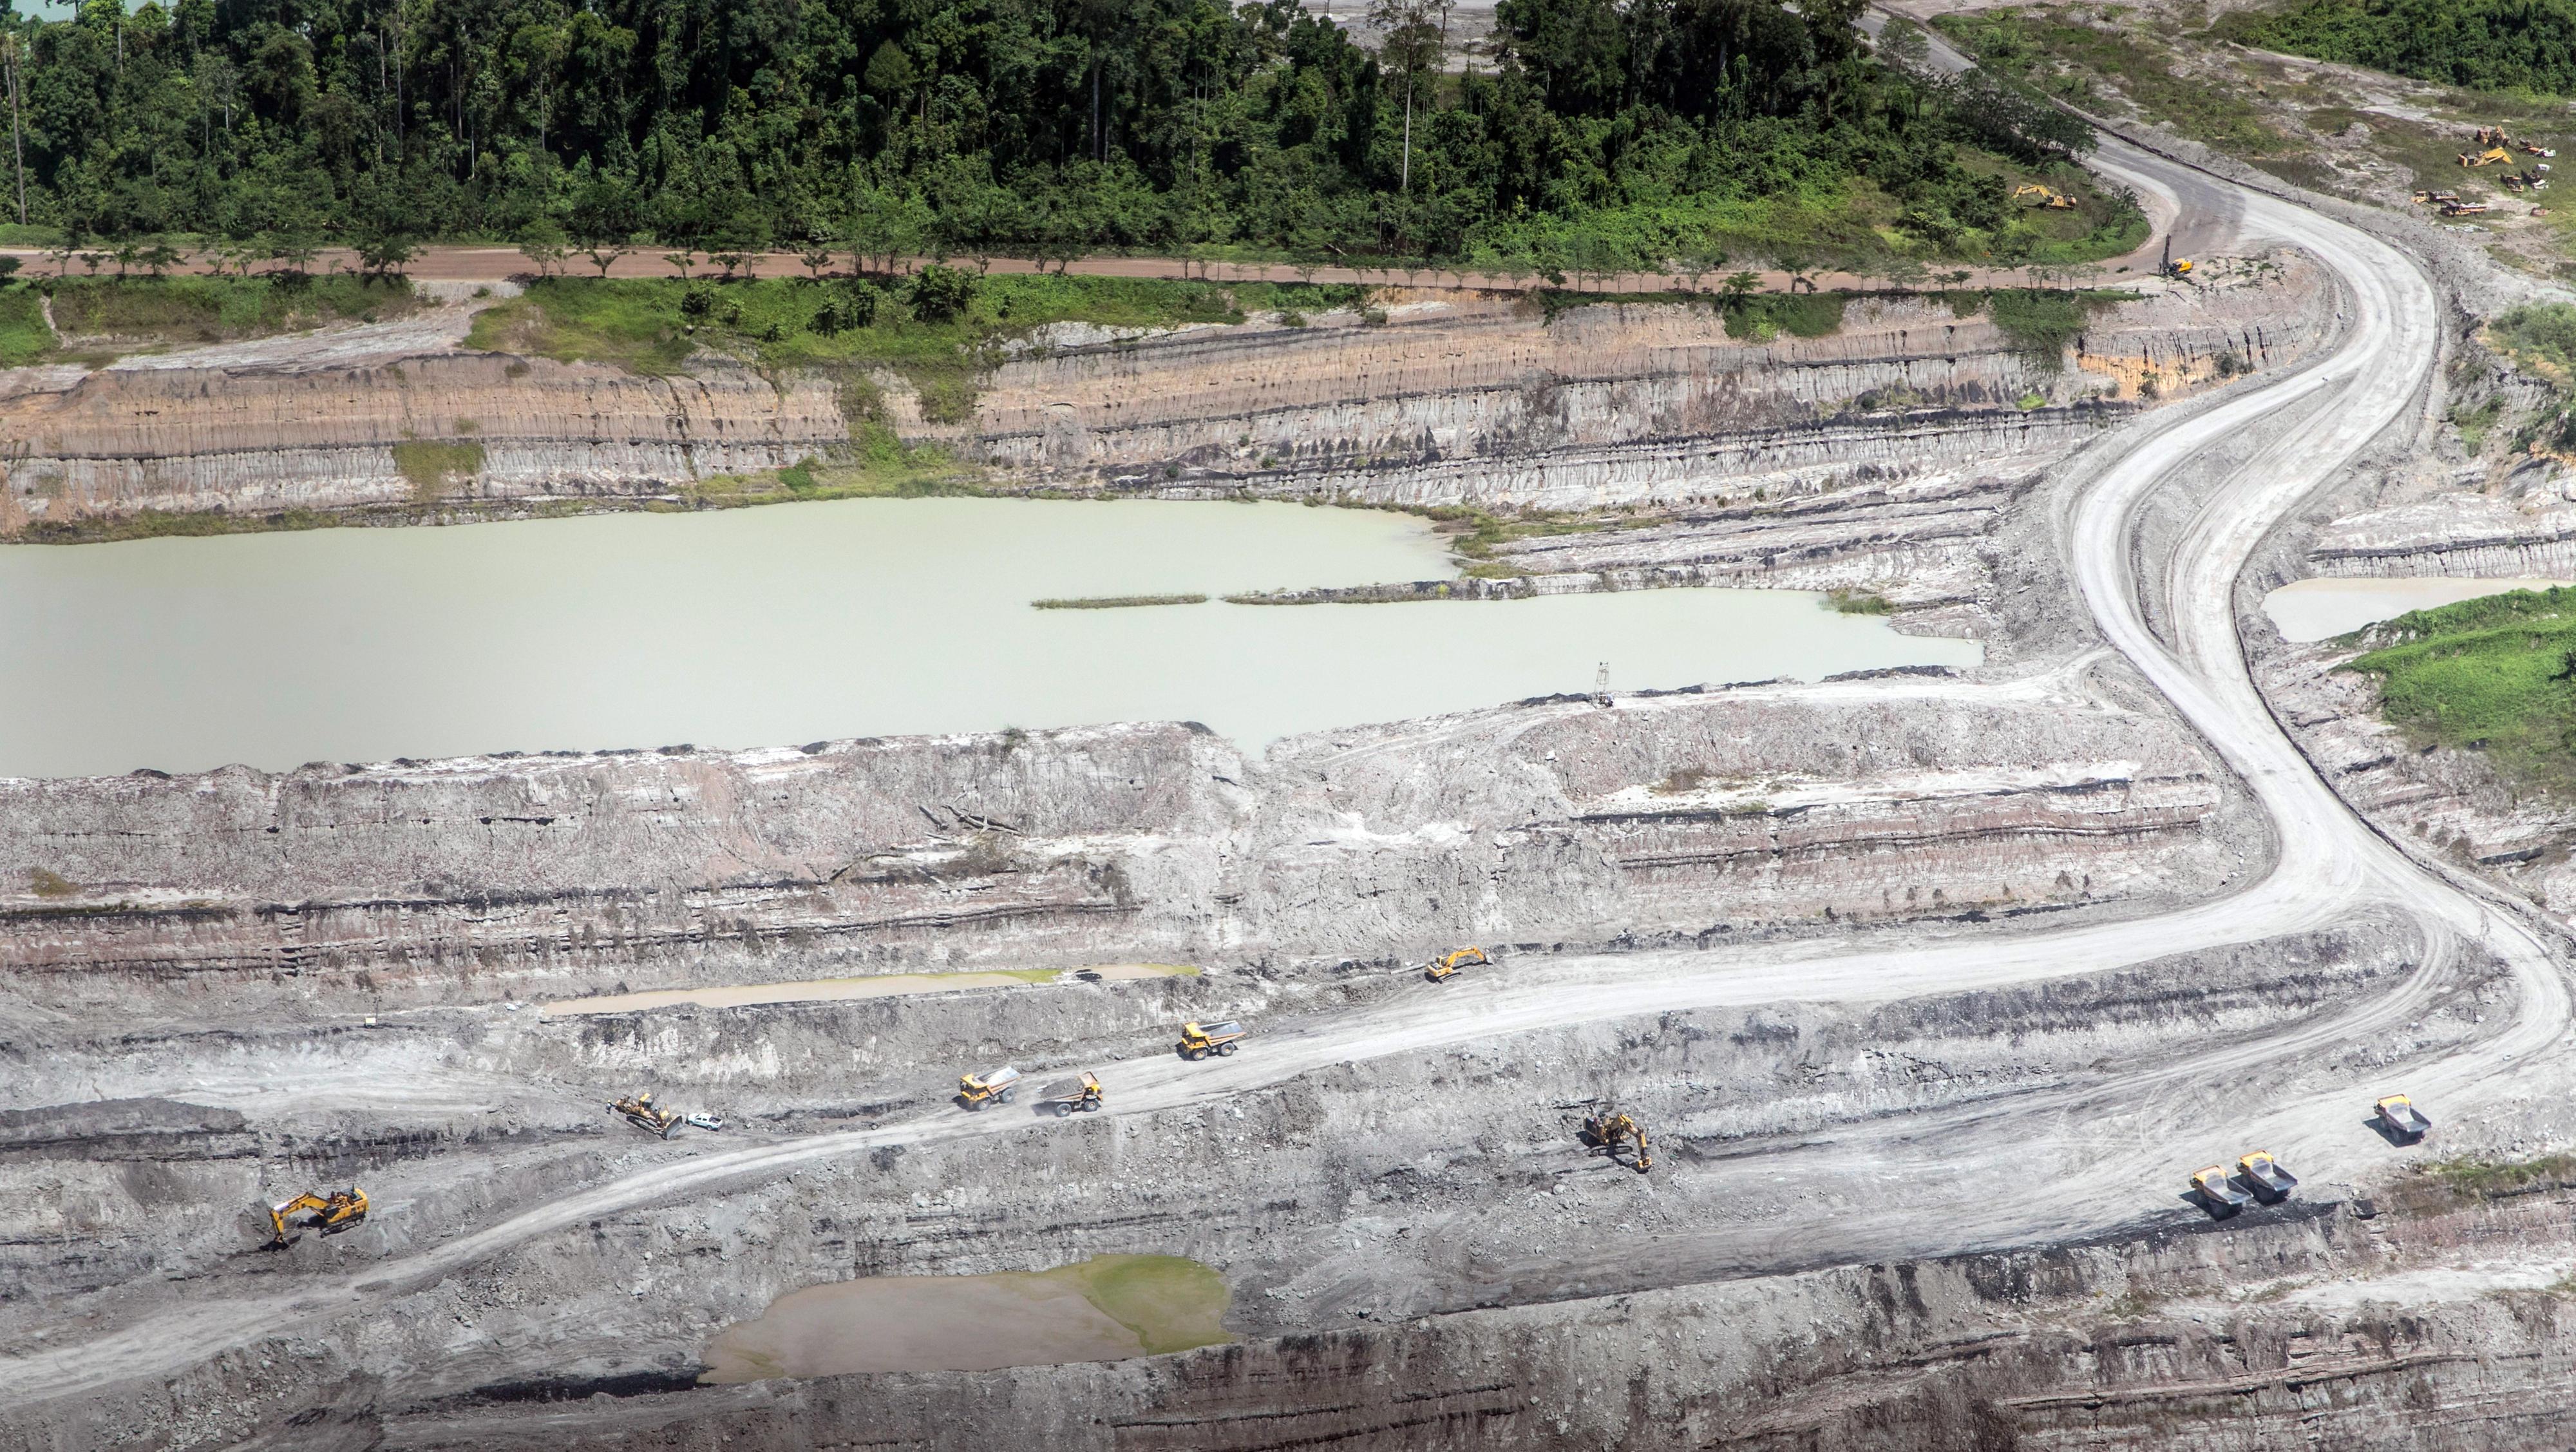 Abgeholzte Flächen im tropischen Regenwald auf Borneo in Indonesien